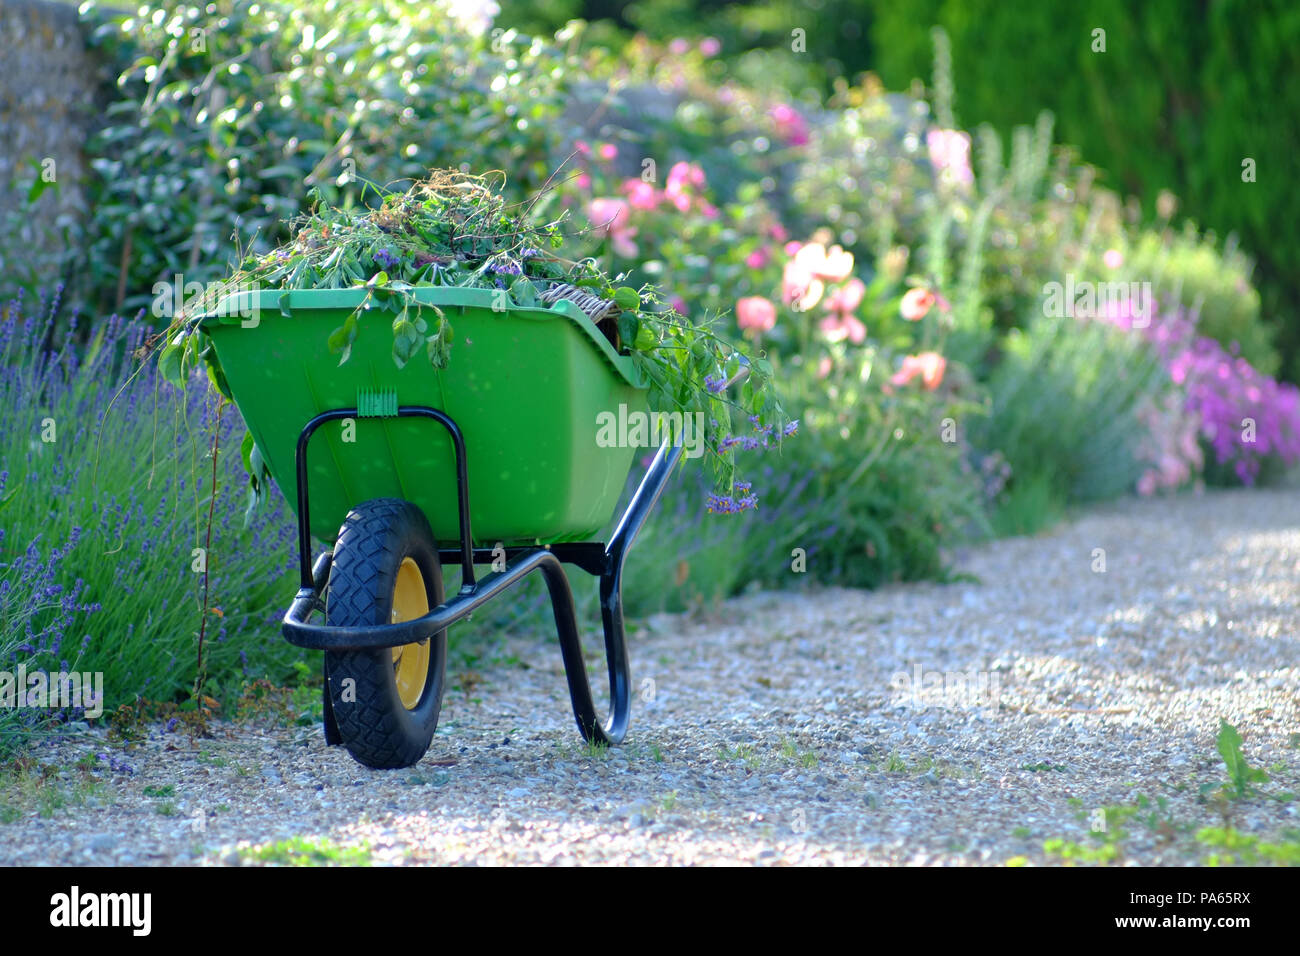 Green wheelbarrow in an English country garden. - Stock Image